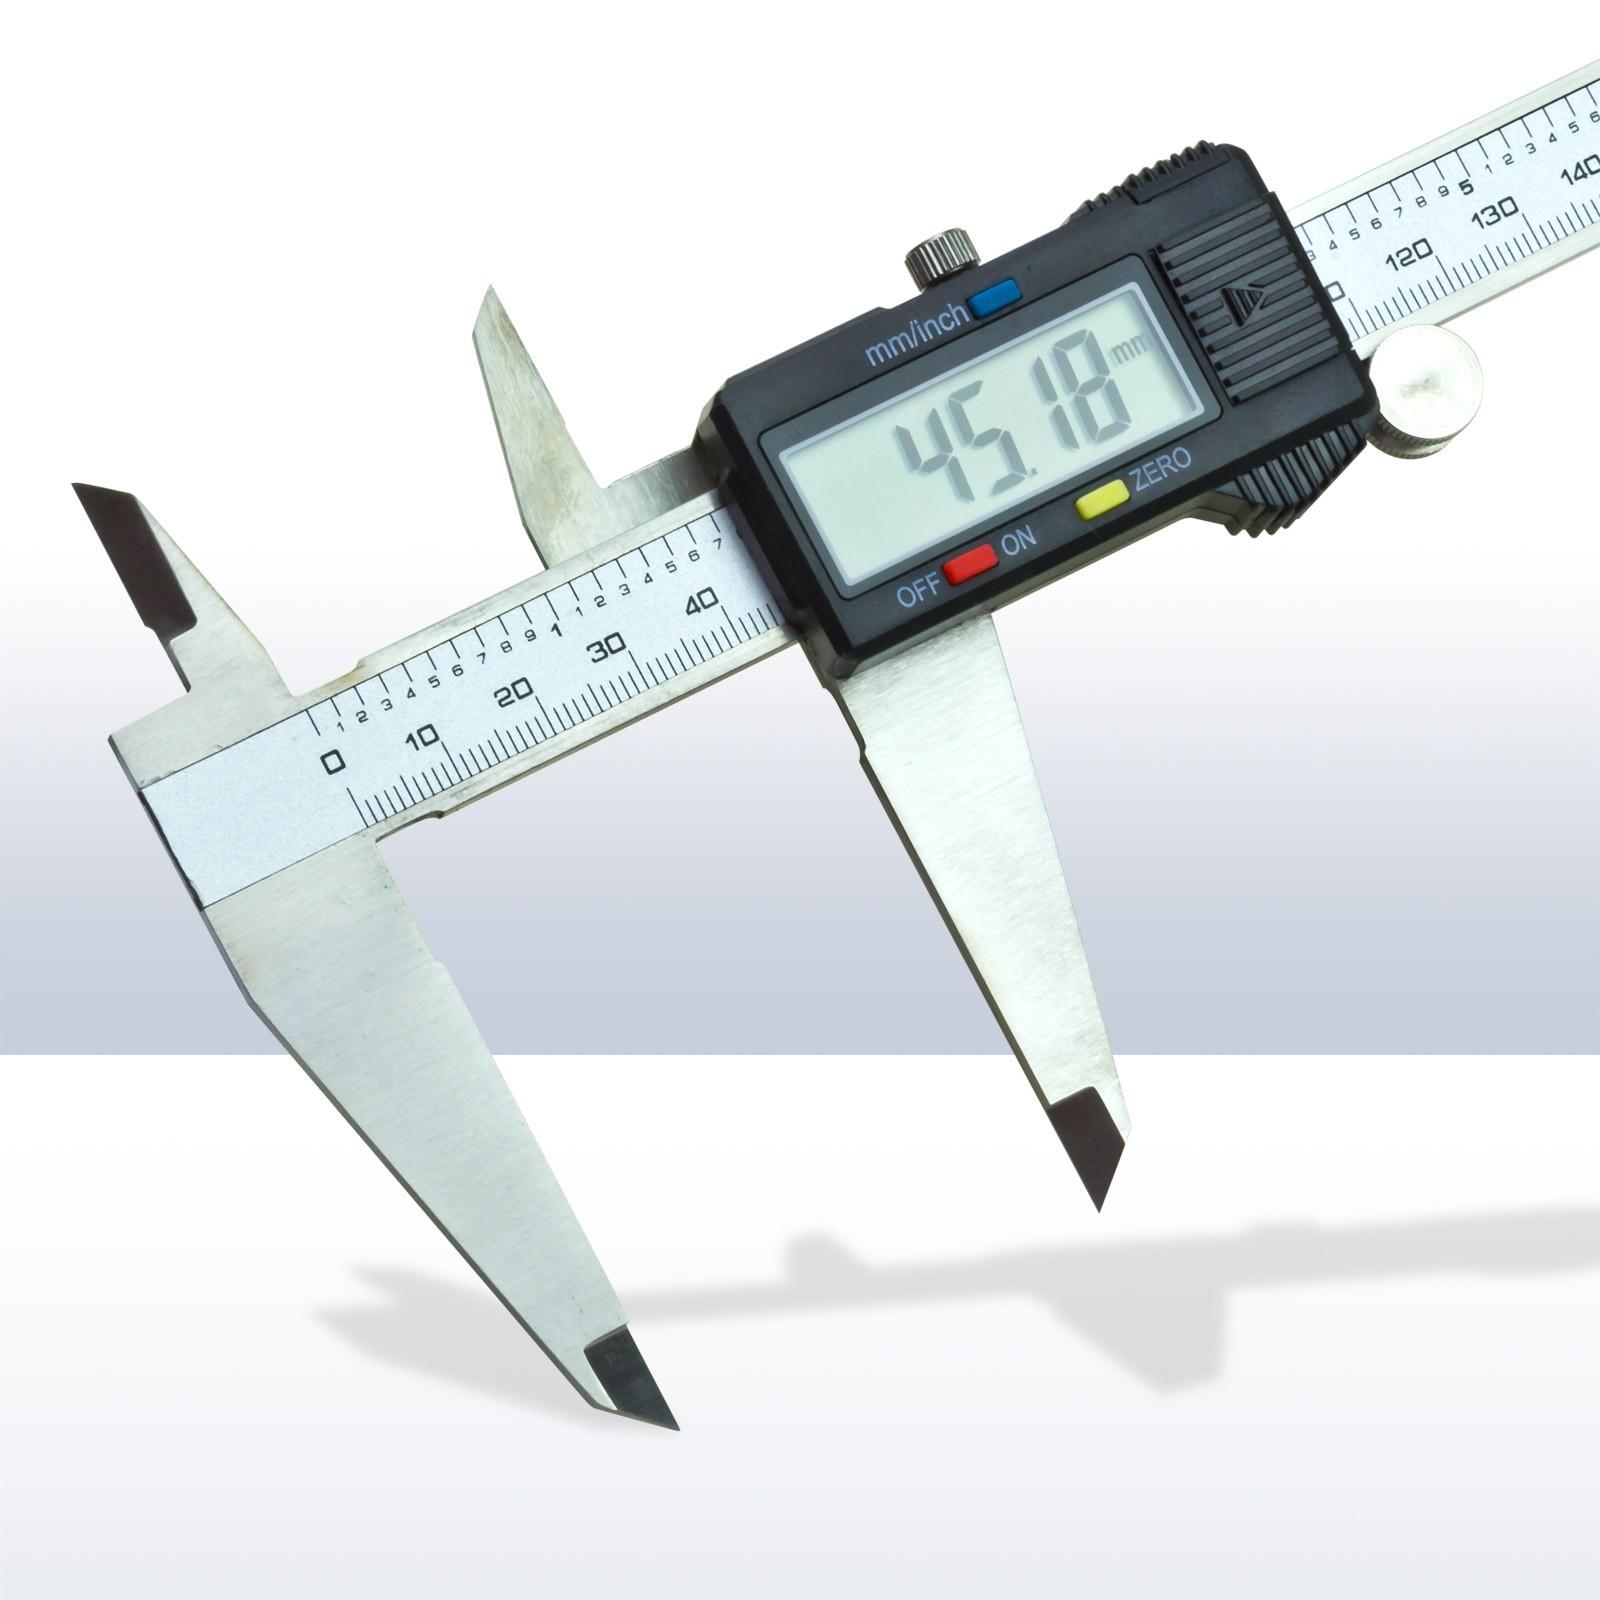 Dema Digitaler Messschieber Schieblehre Schublehre 300mm 20719